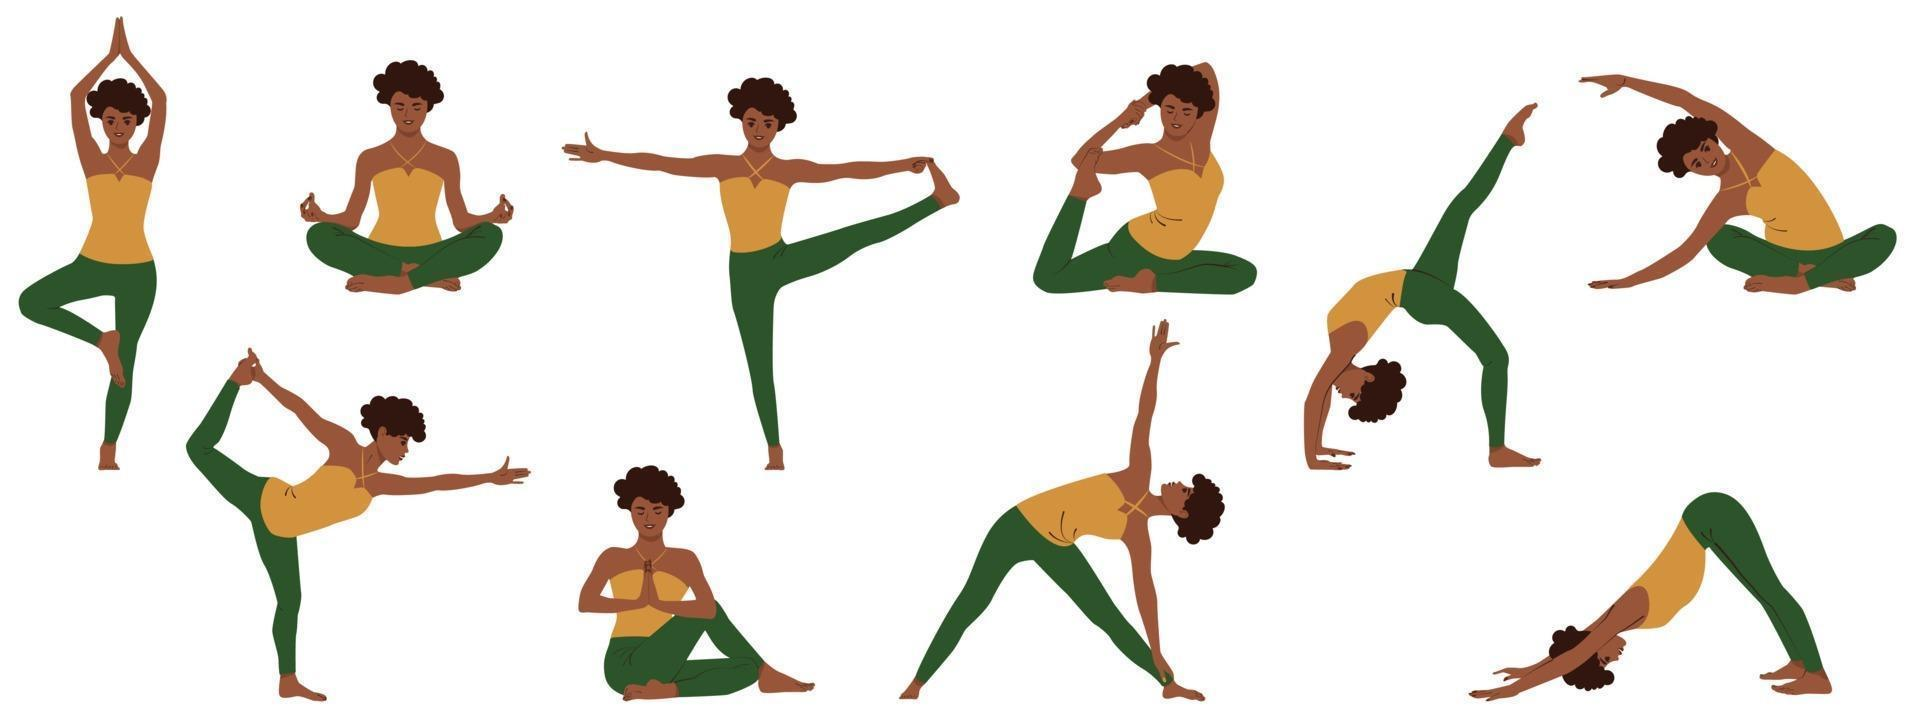 ensemble de poses de yoga. collection de jeune femme afro-américaine démontrant diverses positions de faire des asanas de l'insomnie et pour se détendre. illustration vectorielle plane isolée vecteur